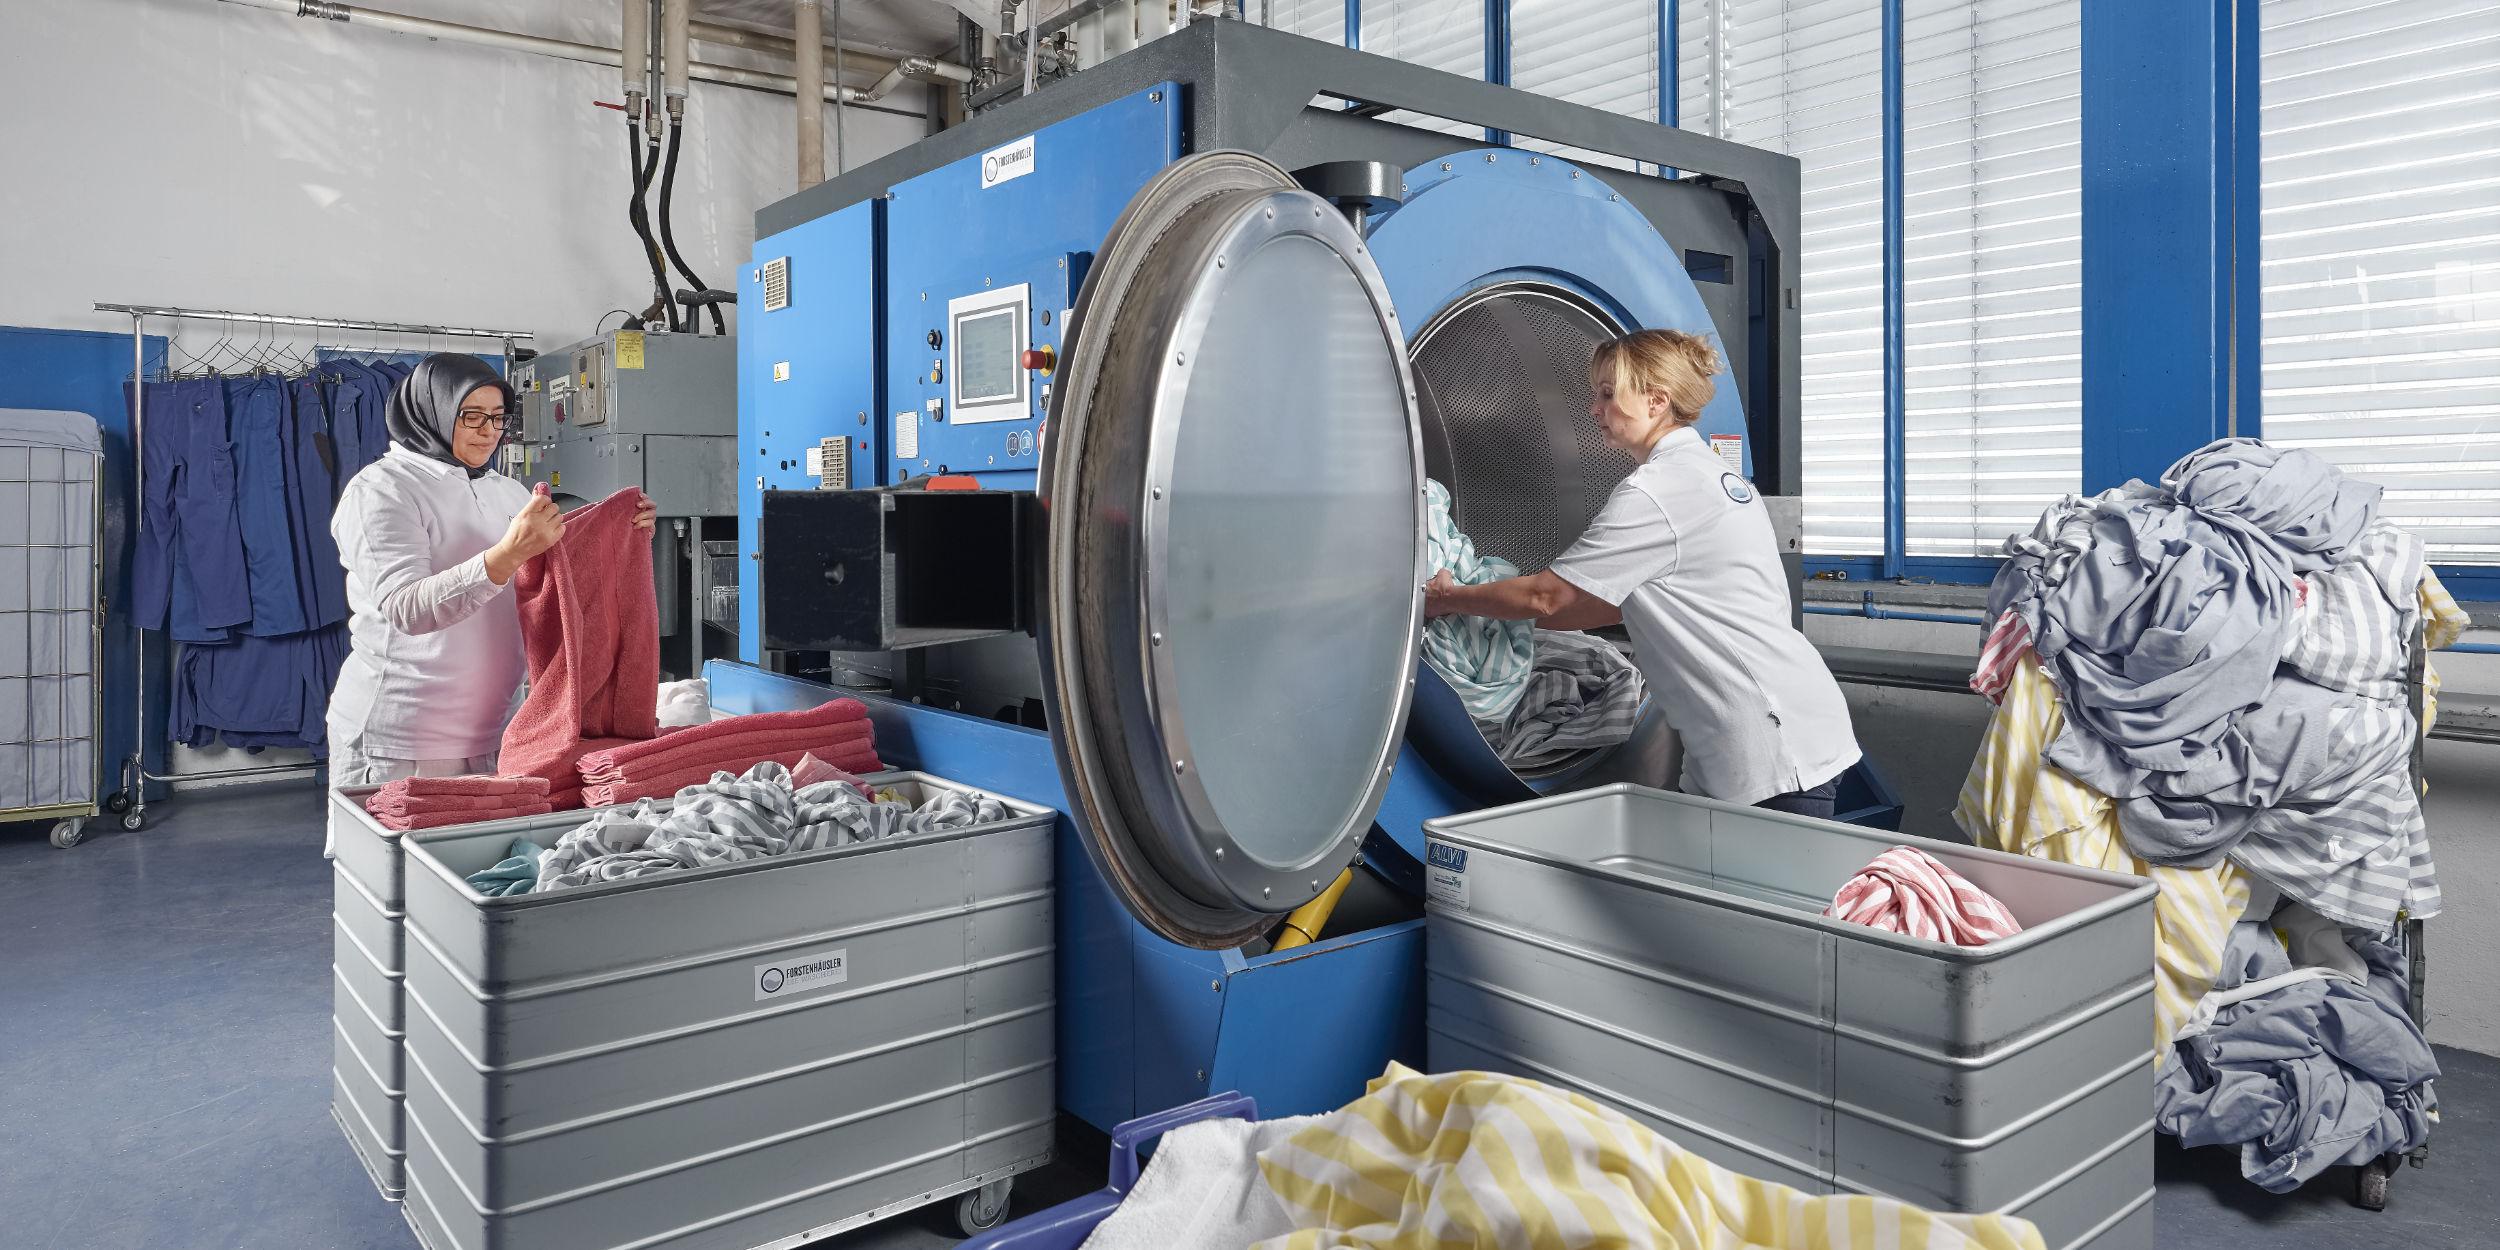 People Fotografie Stuttgart und Umgebung Charakter Portrait Forstenhäussler Ludwigsburg Waschmaschine interkulturelles arbeiten Großwaschmaschine Wäsche